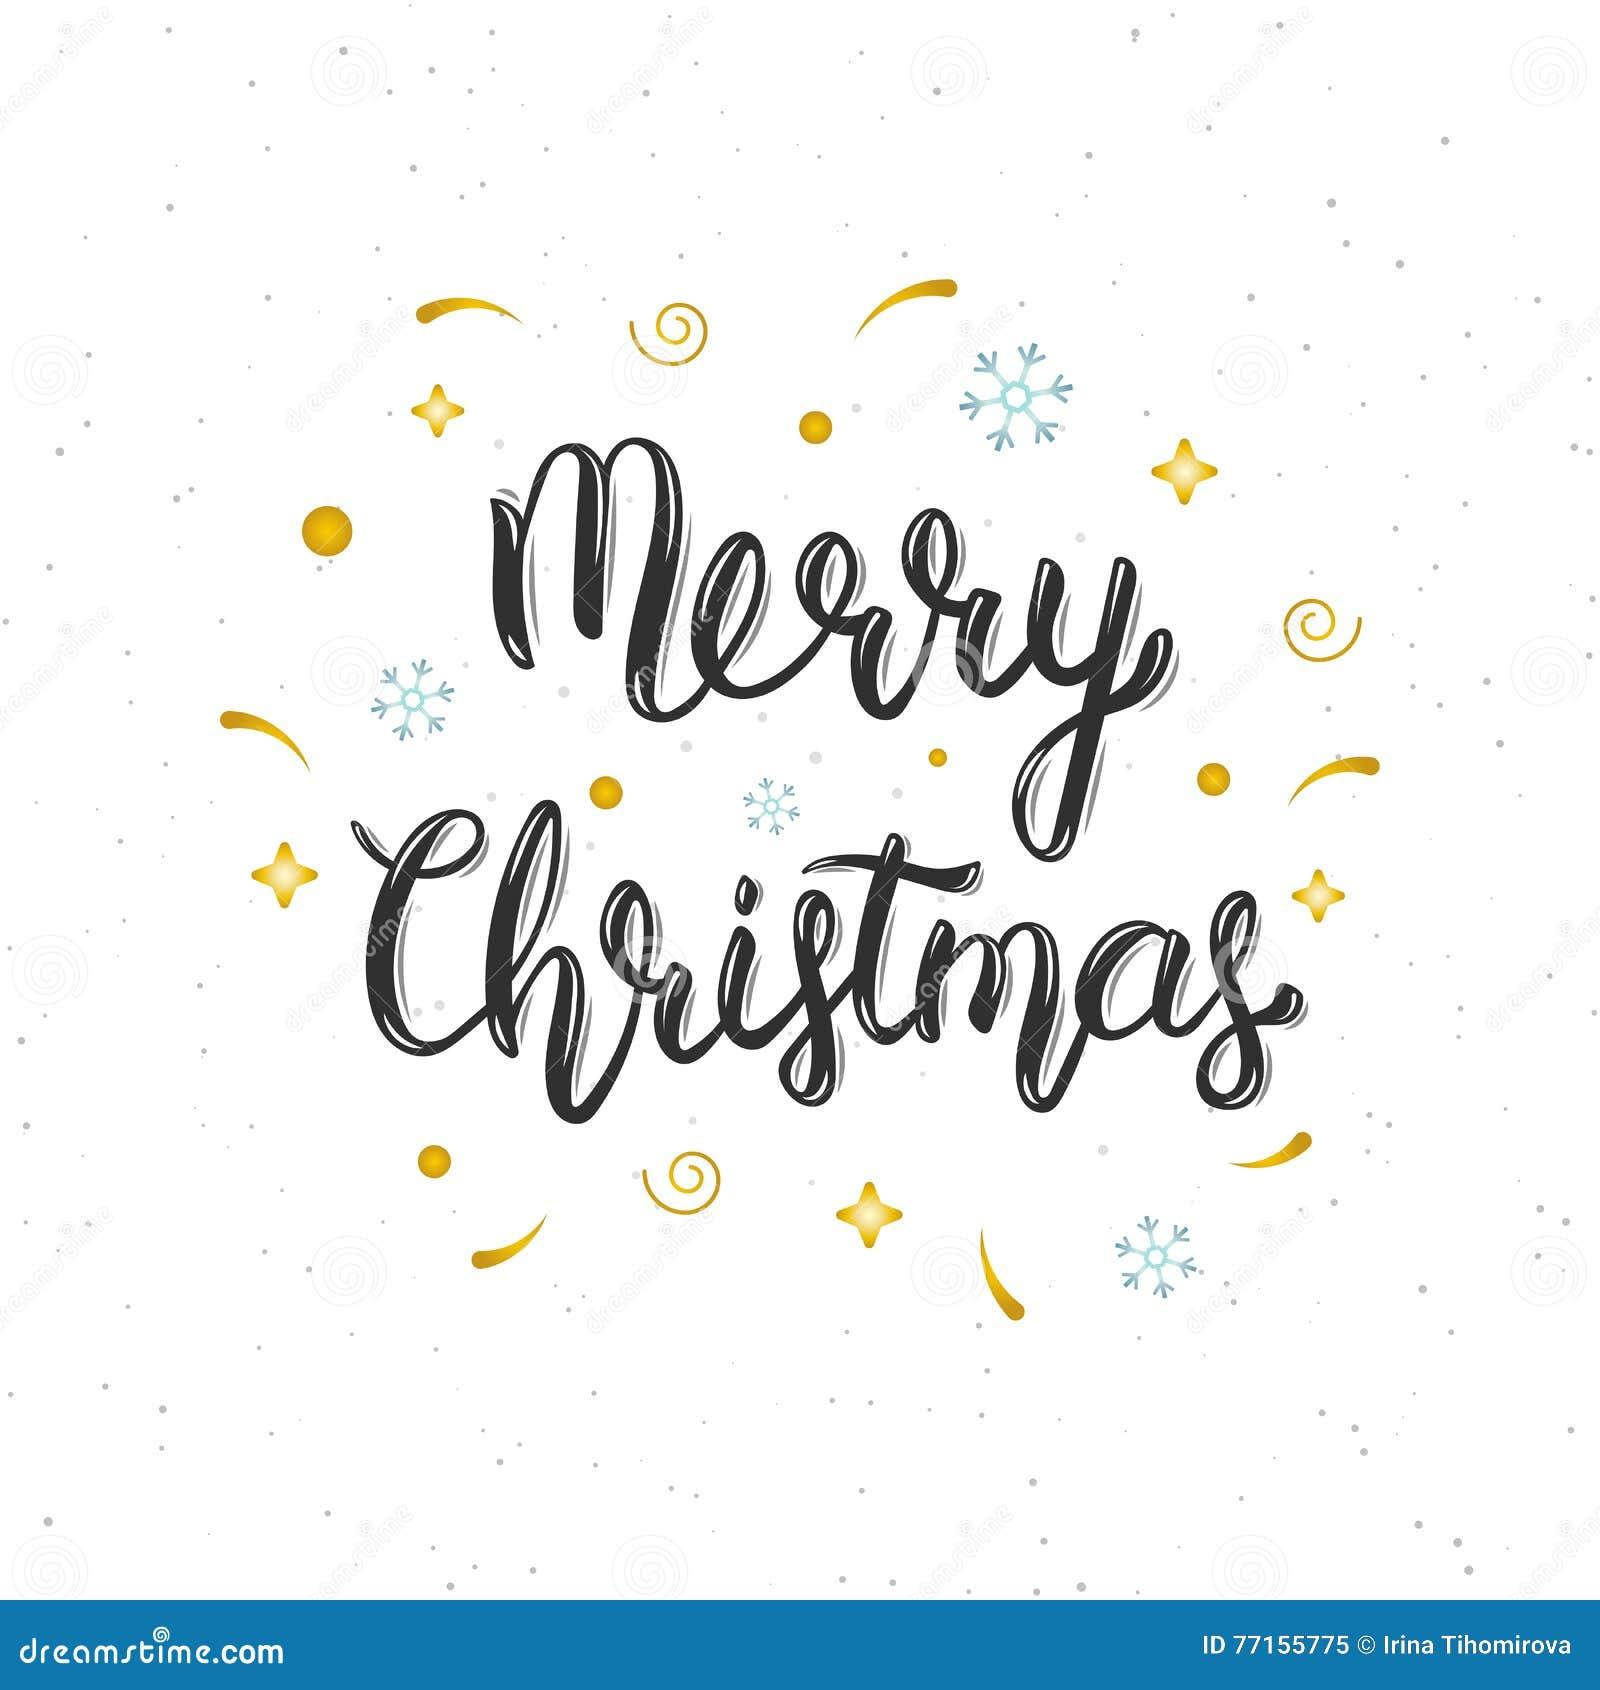 Merry christmas hand written modern brush lettering